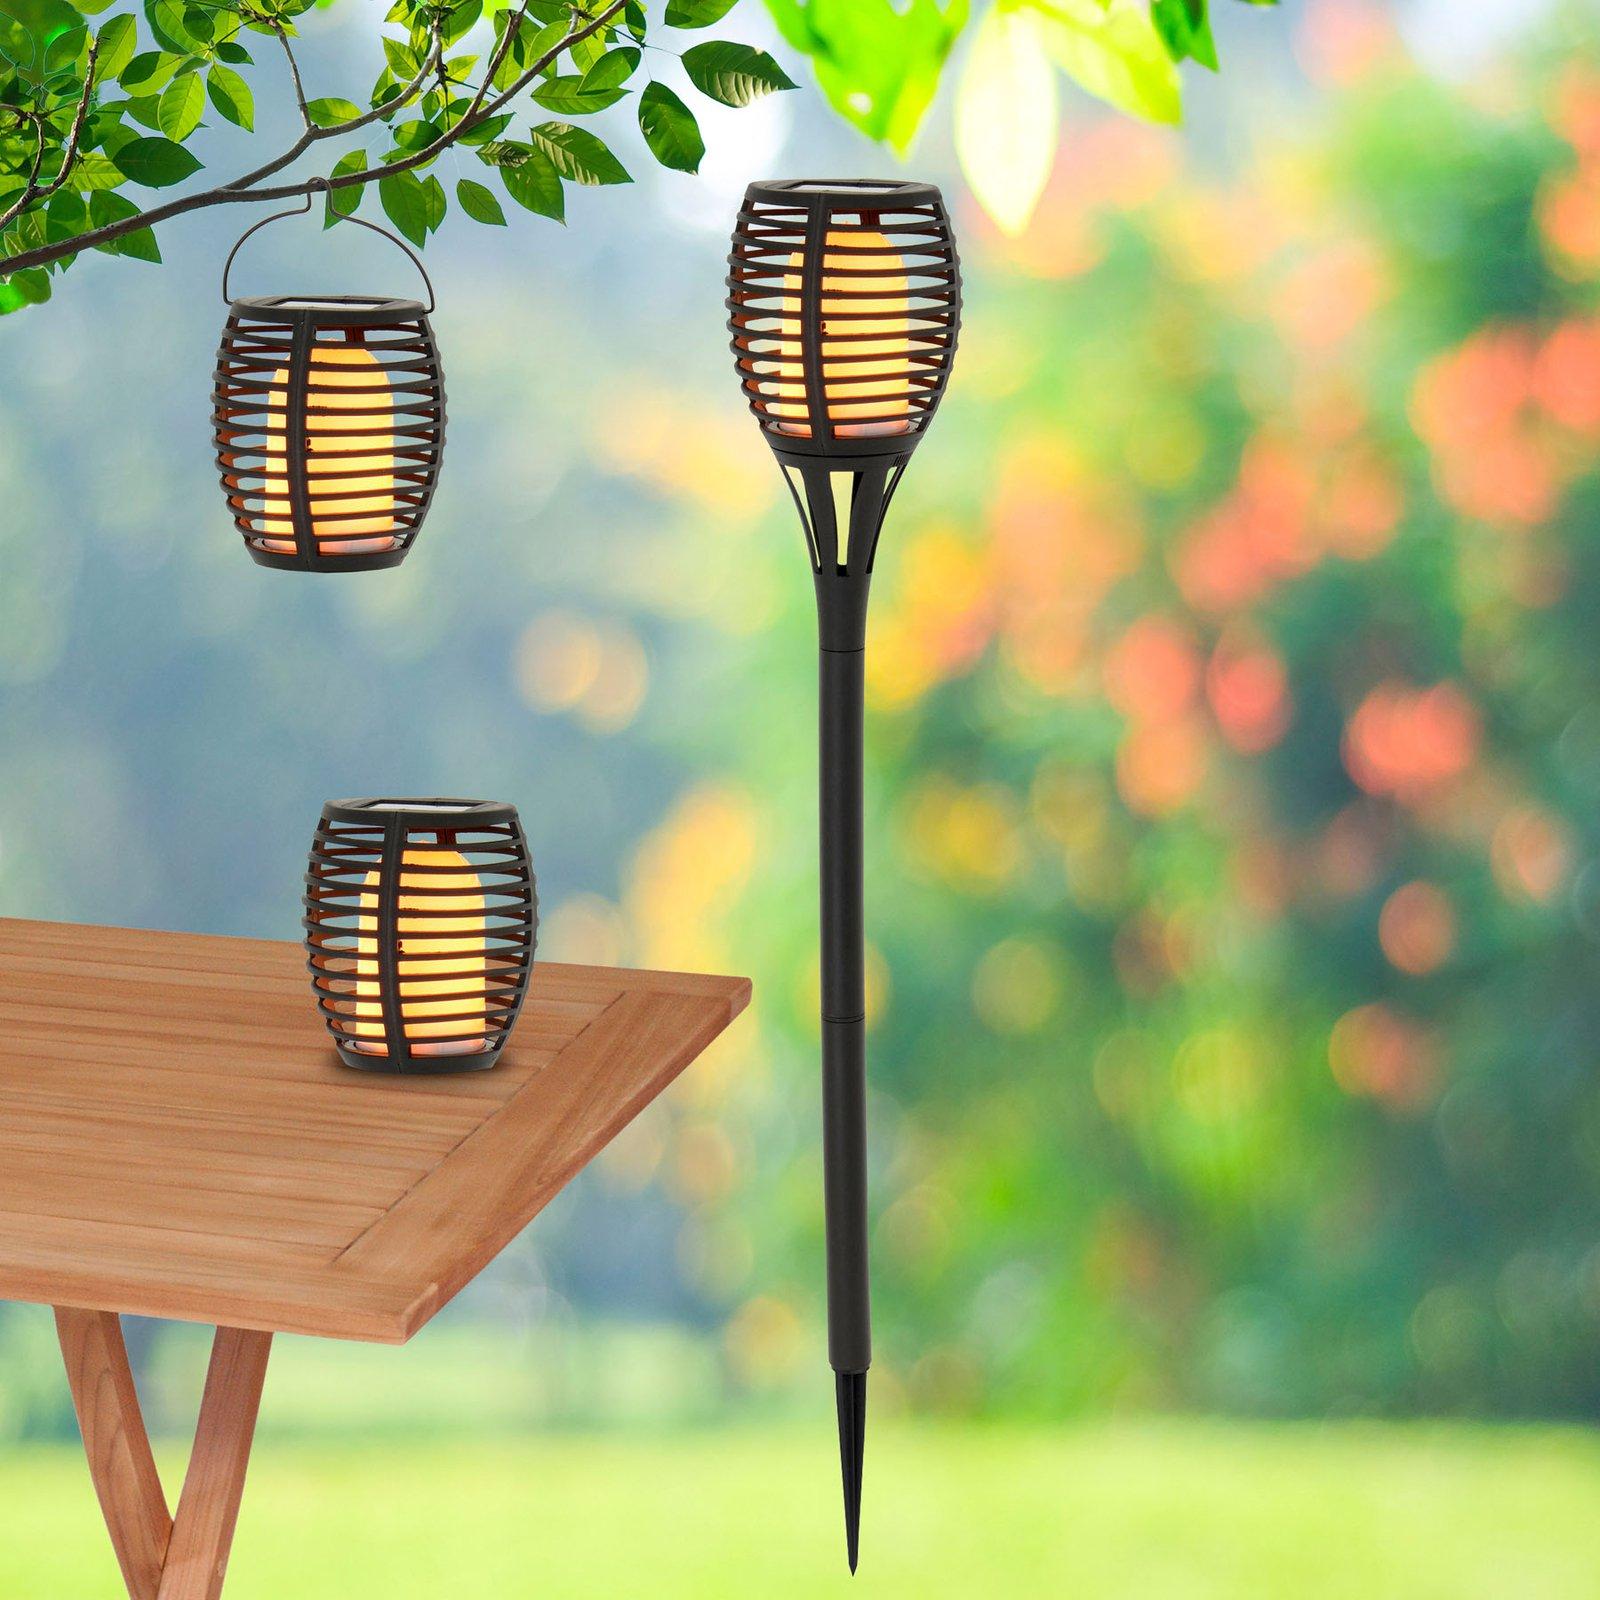 LED-solcellelampe Fackel med jordspyd, 2 pk 3-i-1